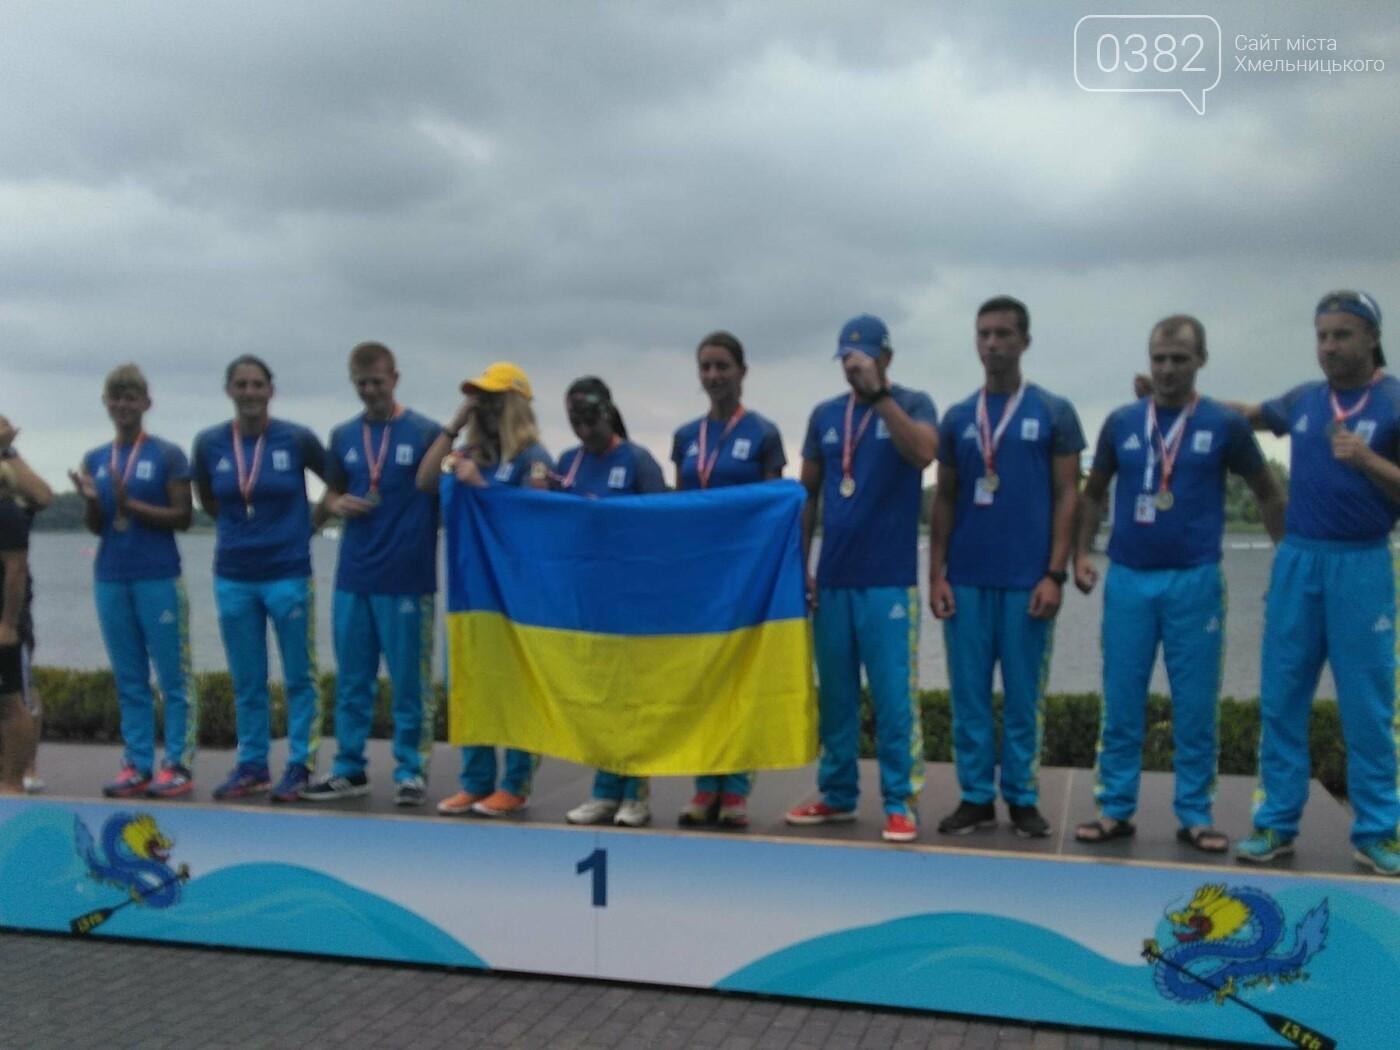 Хмельничани стали чемпіонами Європи з веслування на човнах.ФОТО, фото-3